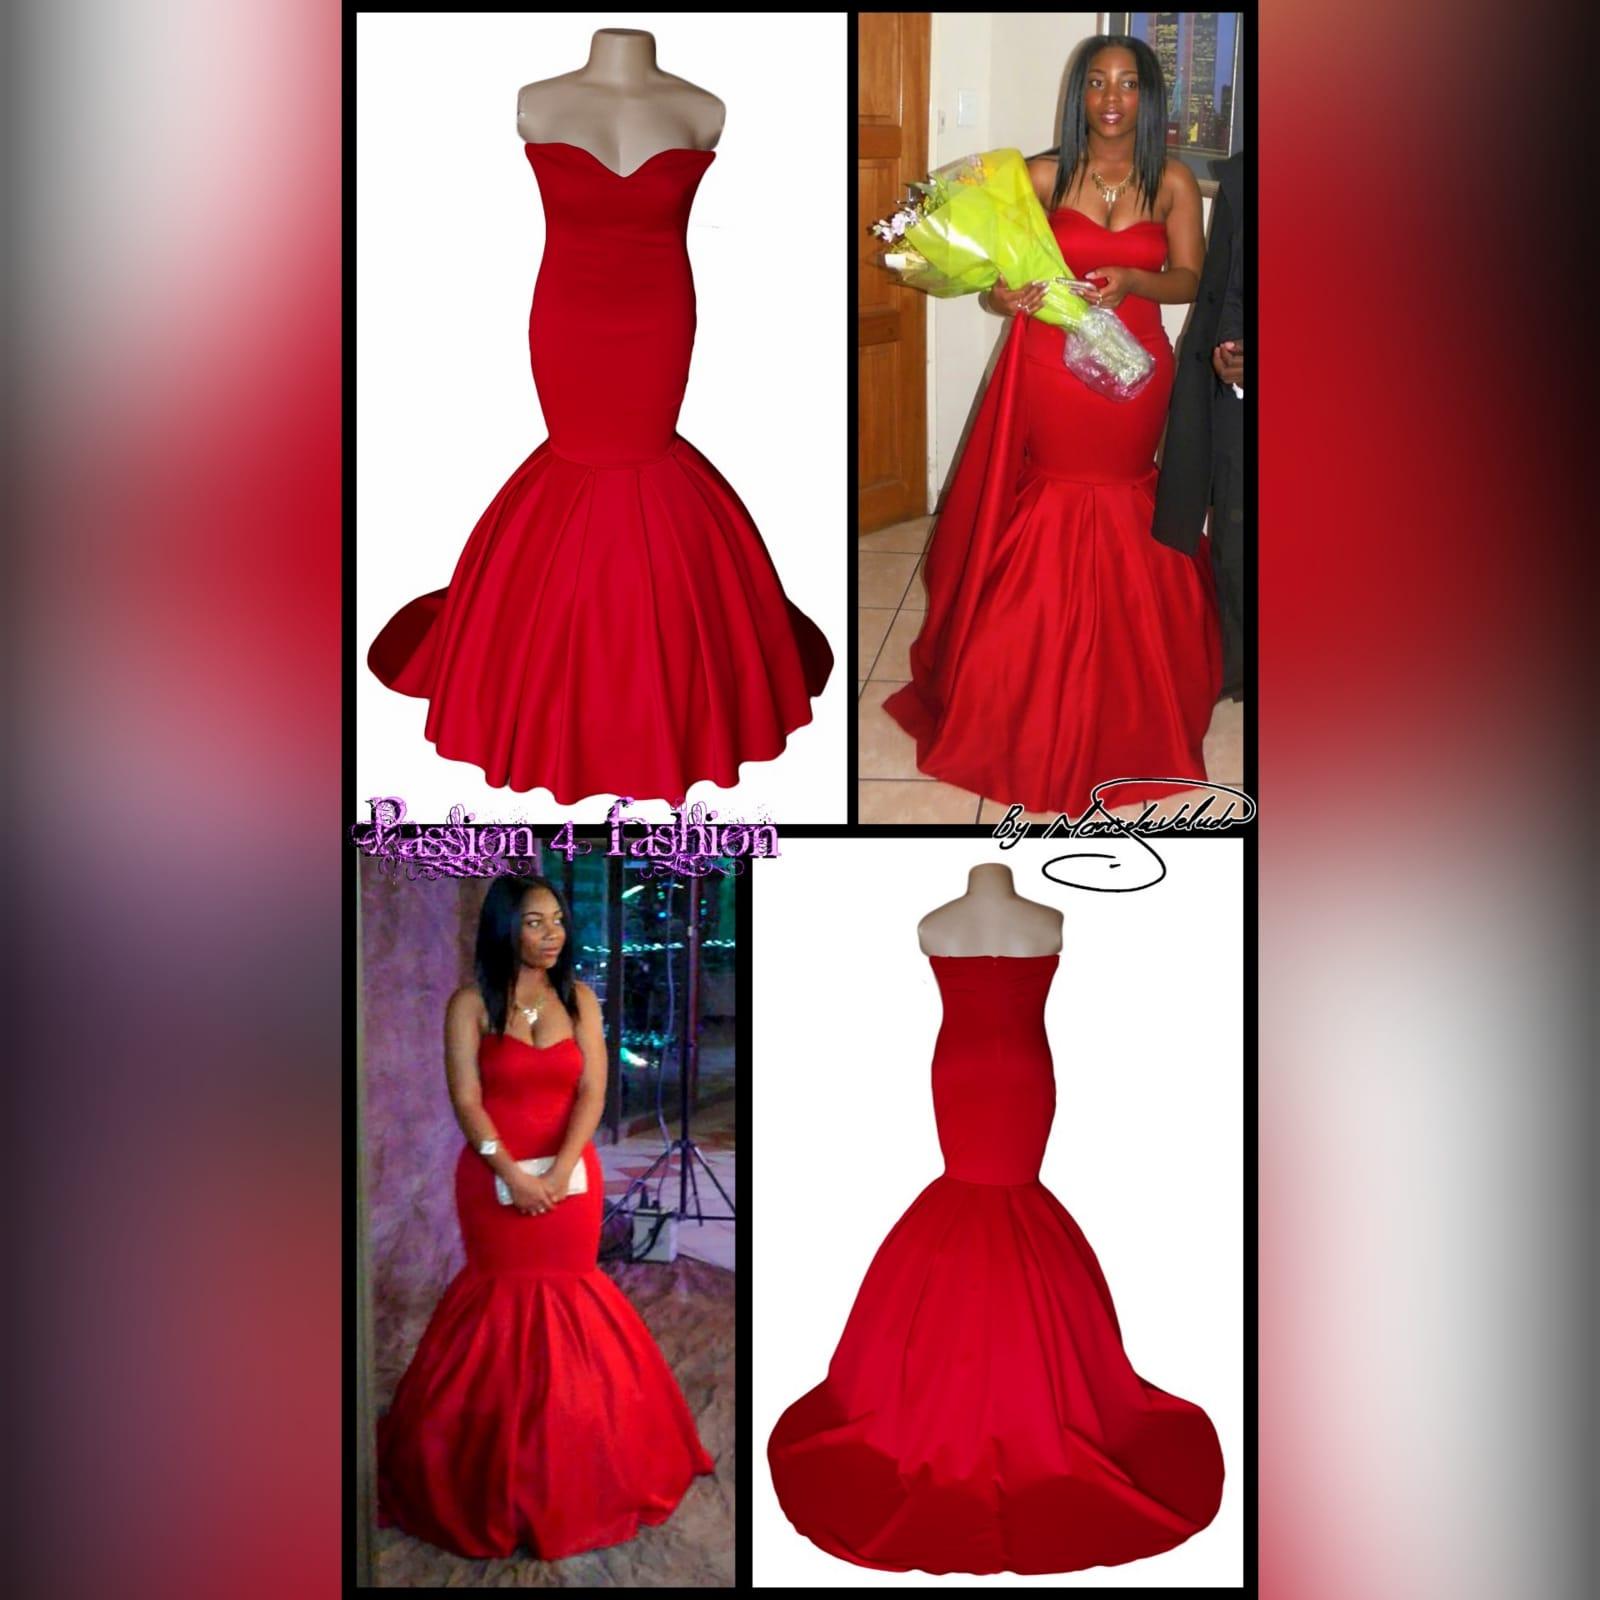 Vestido caicai sereia vermelho de finalistas 3 vestido caicai sereia vermelho de finalistas com um decote coração e fundo com volume e uma cauda